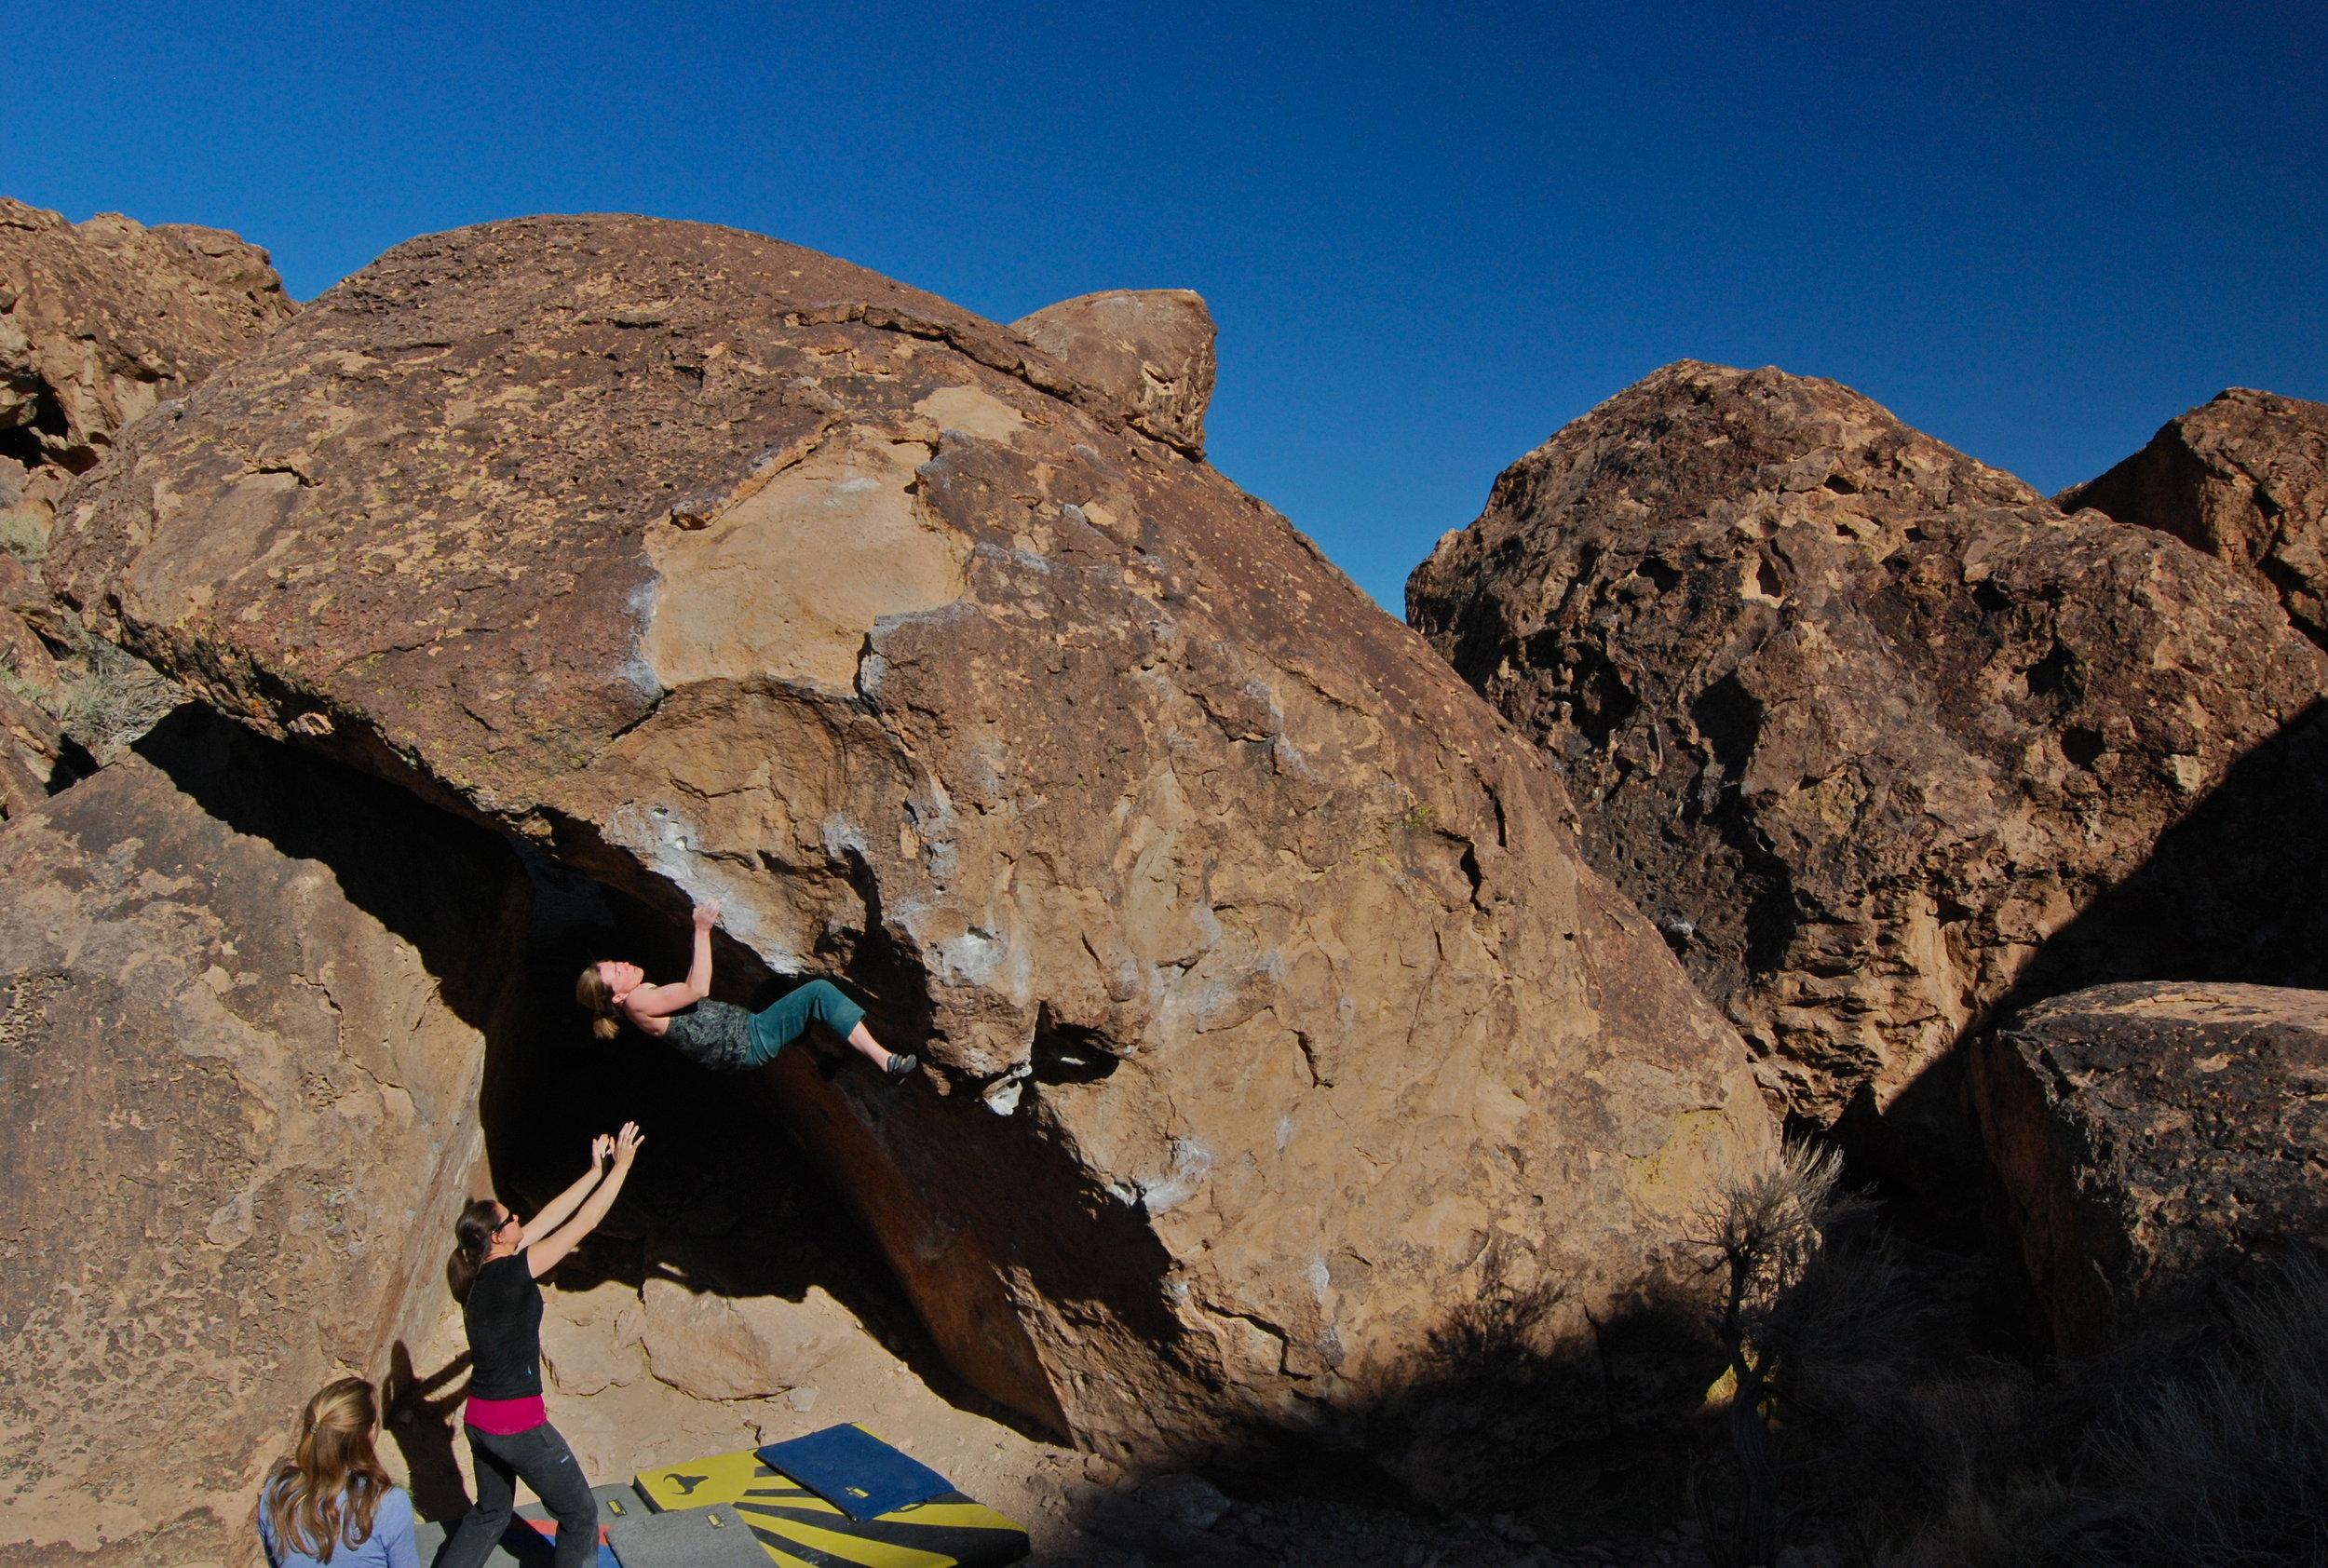 Sarah climbing The Gleaner, V6, in Bishop. Photo by Erik Cbristensen